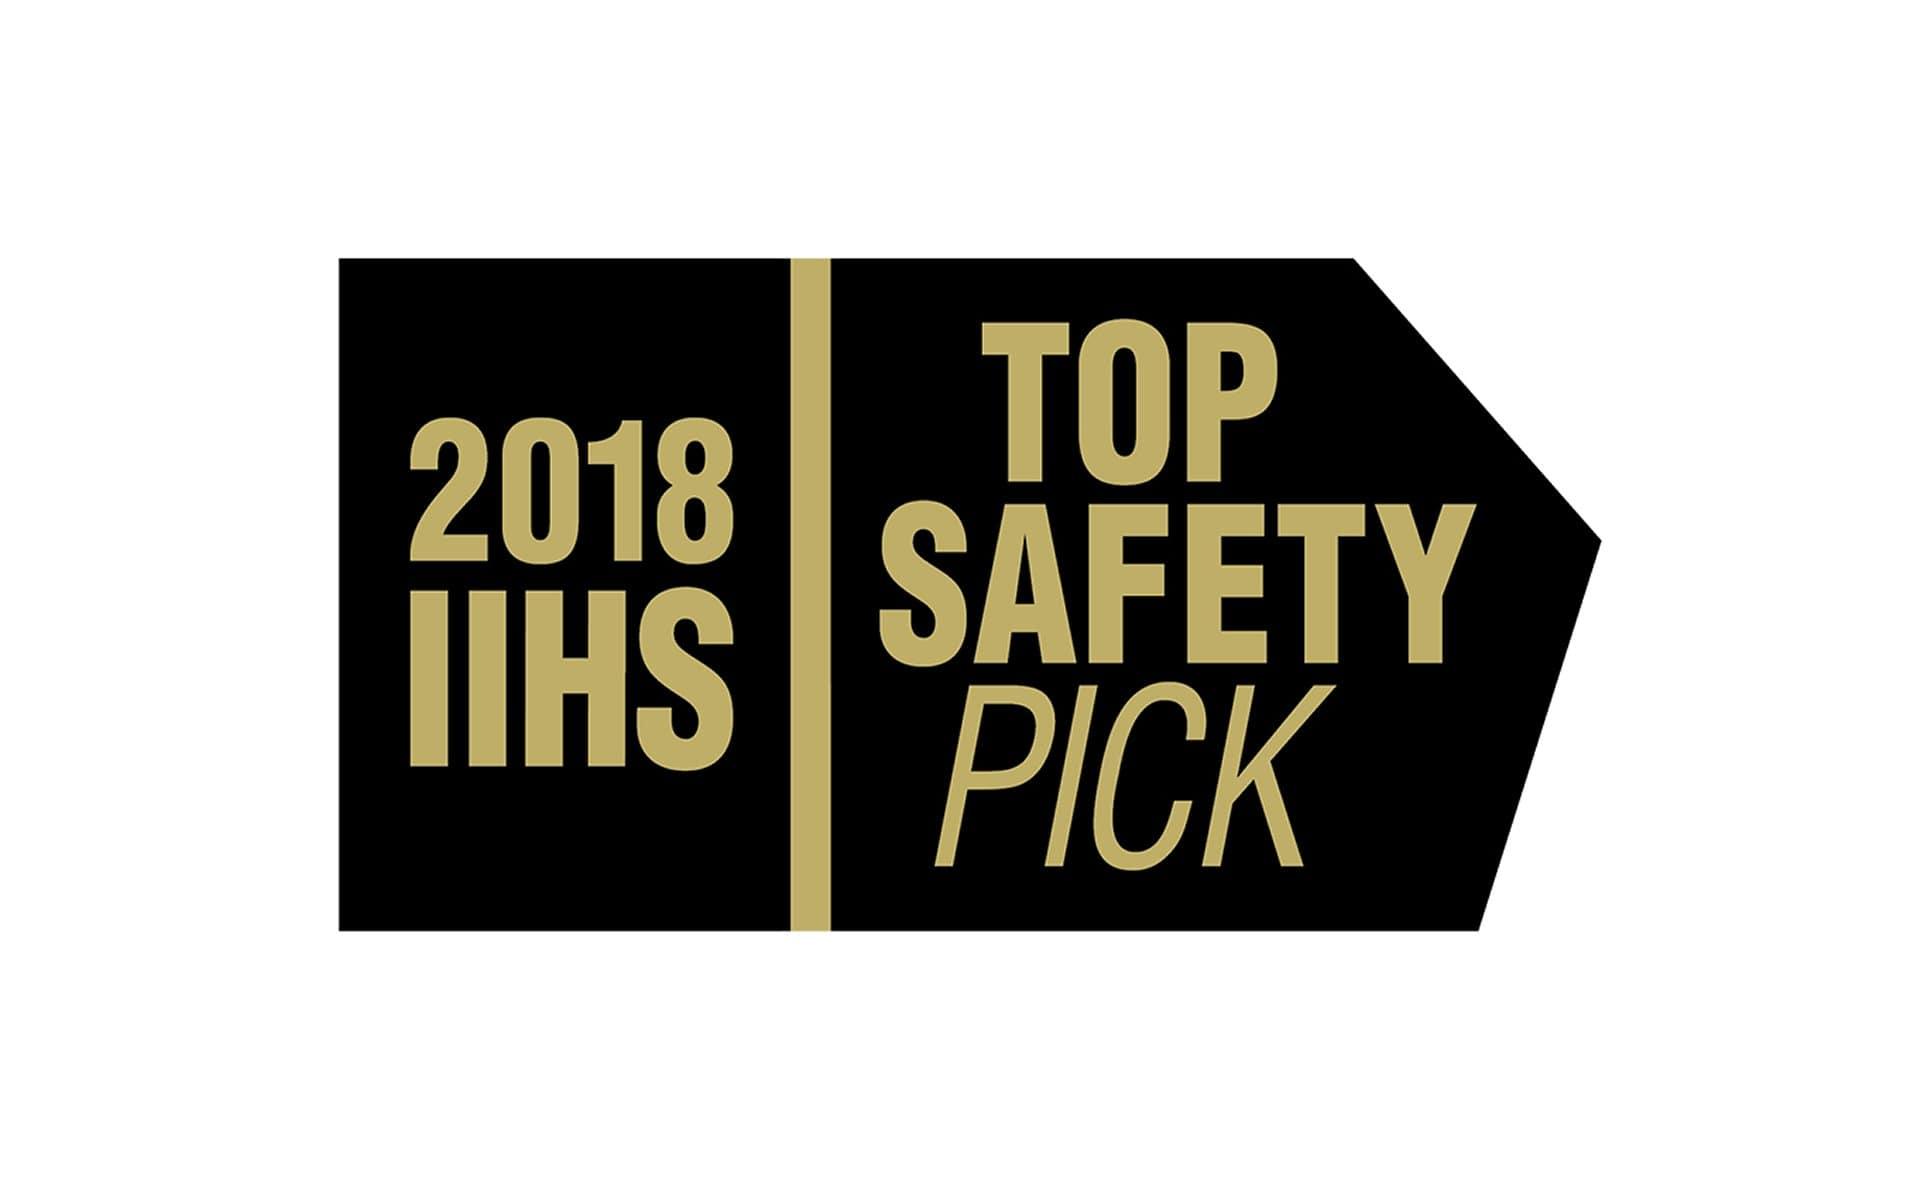 Iihs Safety Ratings >> 2018 Kia Sedona Awarded Iihs Safety Pick And Nhtsa Overall 5 Star